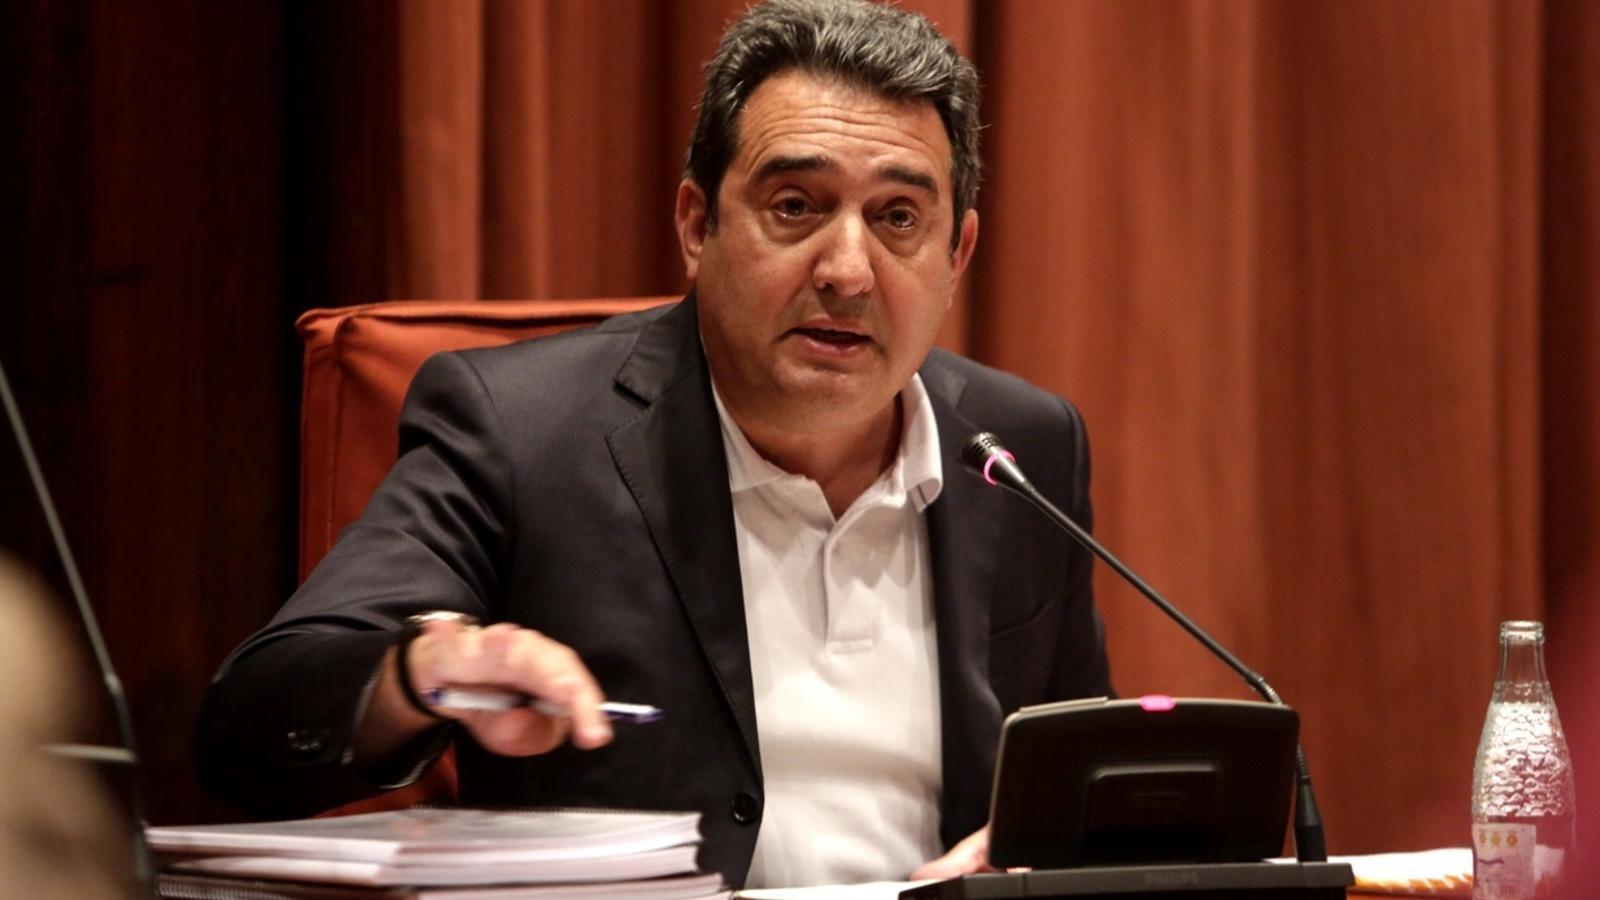 Manuel Bustos, condemnat a tres anys de presó per haver retirat multes a familiars quan era alcalde